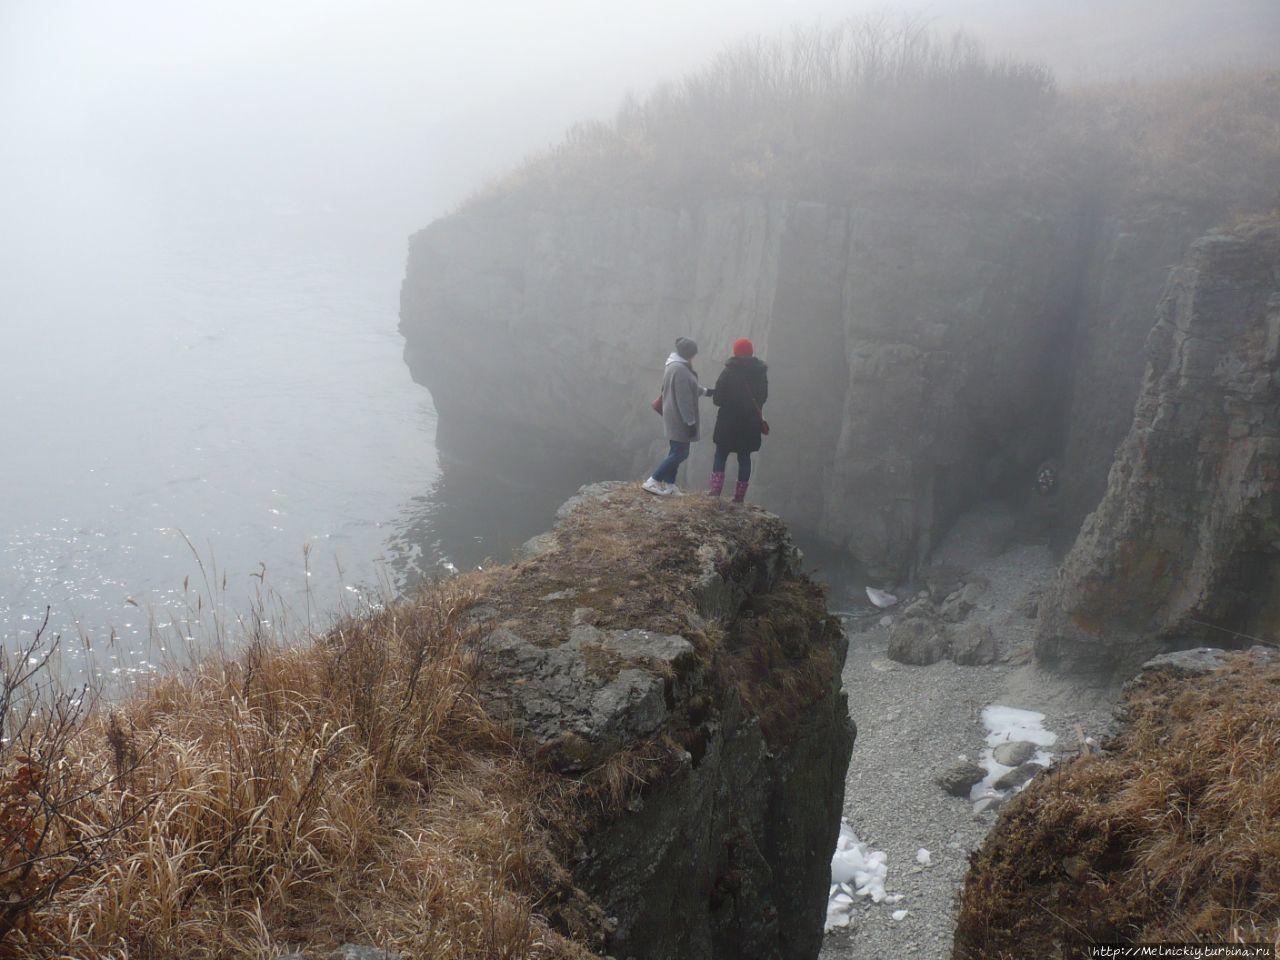 Прогулка по туманному полуострову Брюса Славянка, Россия